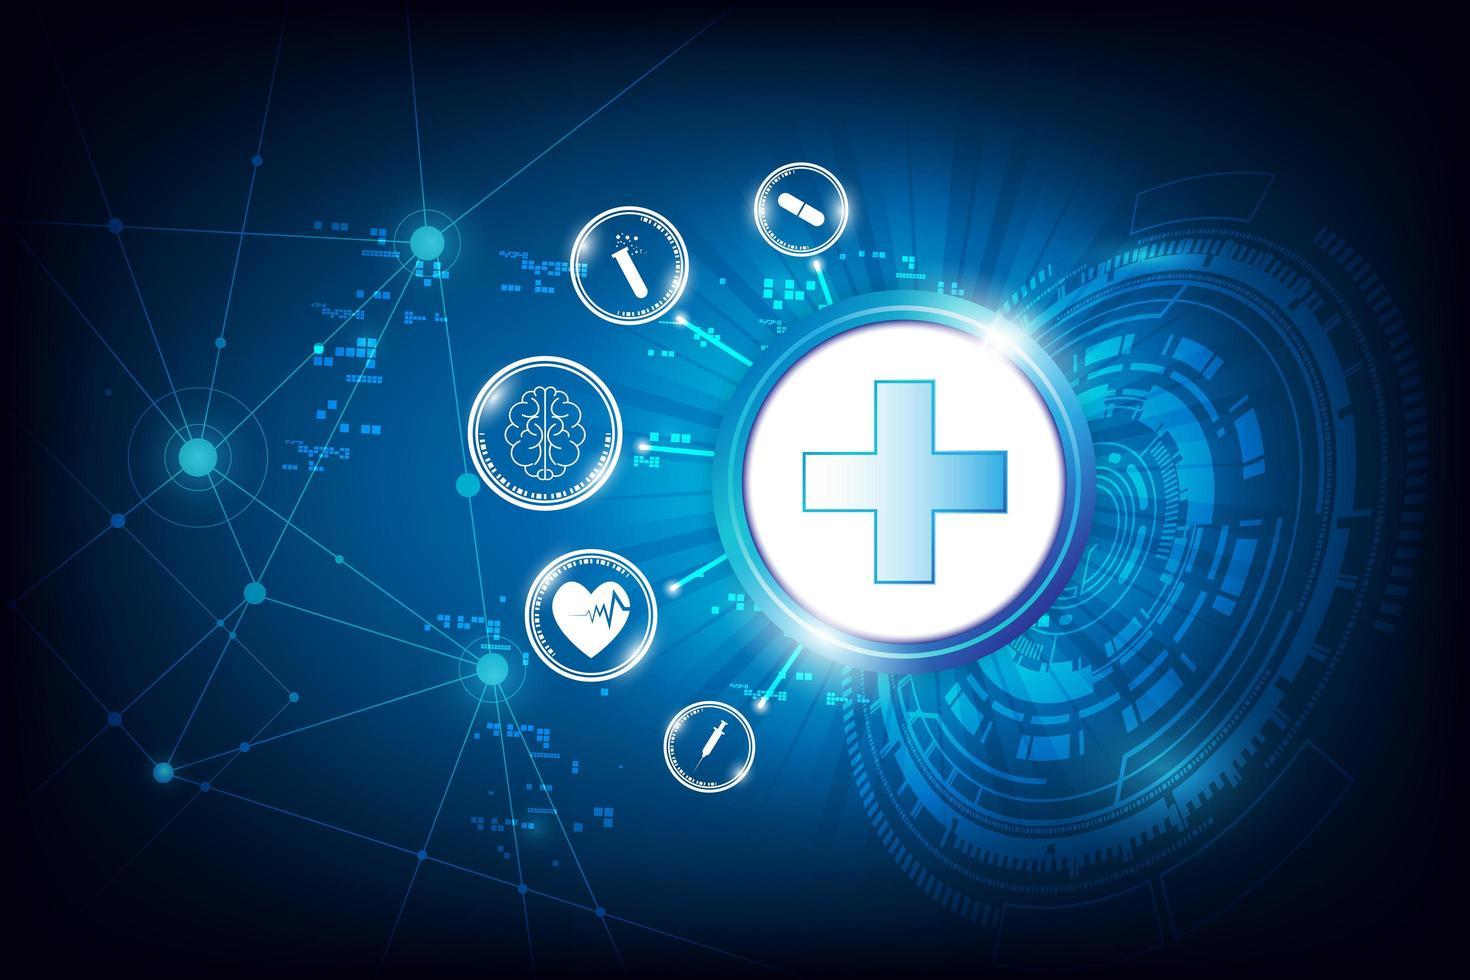 conception de technologie de soins de santé circulaire vecteur